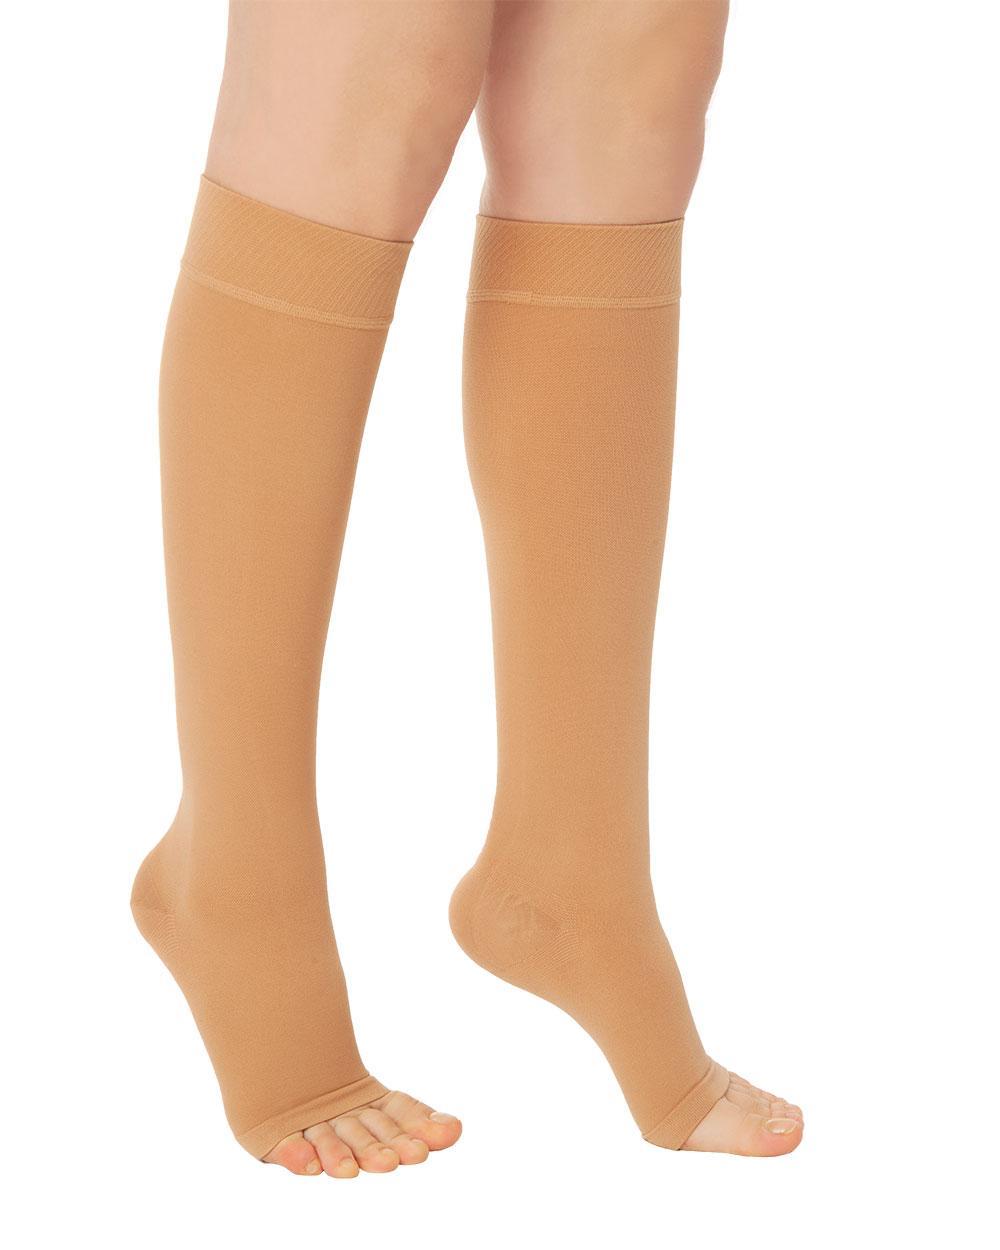 Антиварикозные чулки 2 класса компрессии Variteks до колен с открытым носком